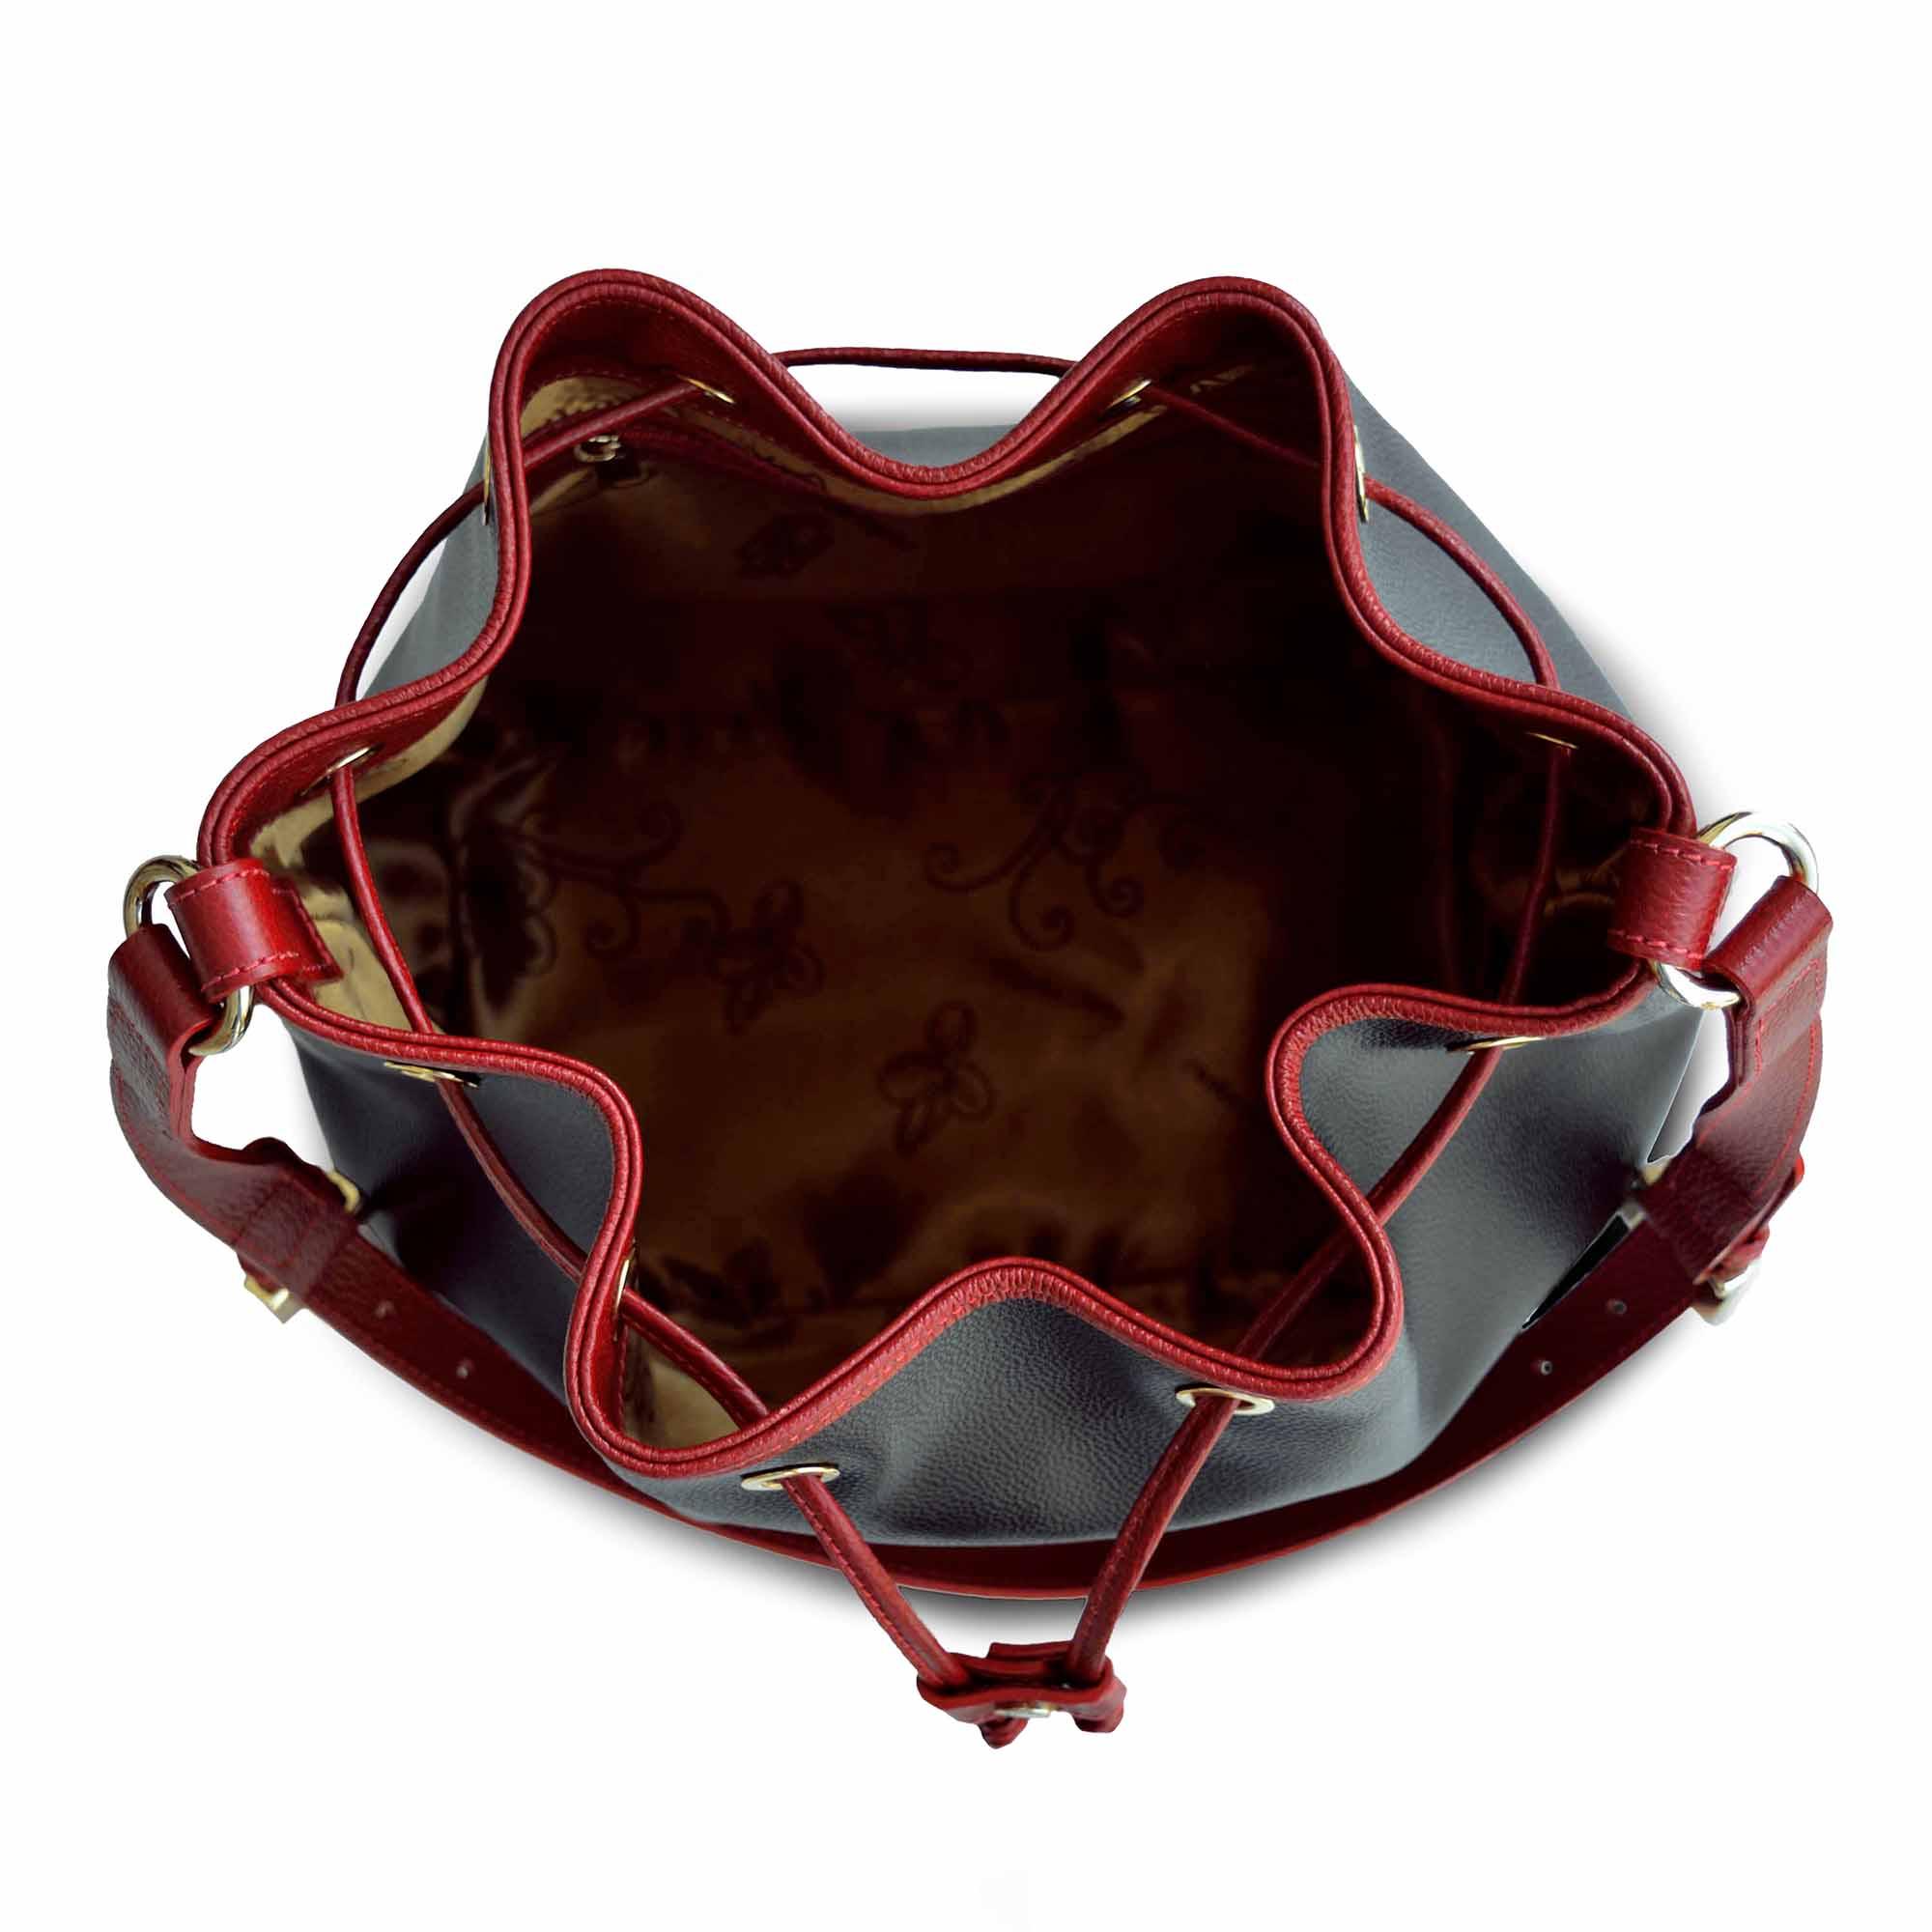 Bolsa de Ombro SM 2678 - M.Liz Couro